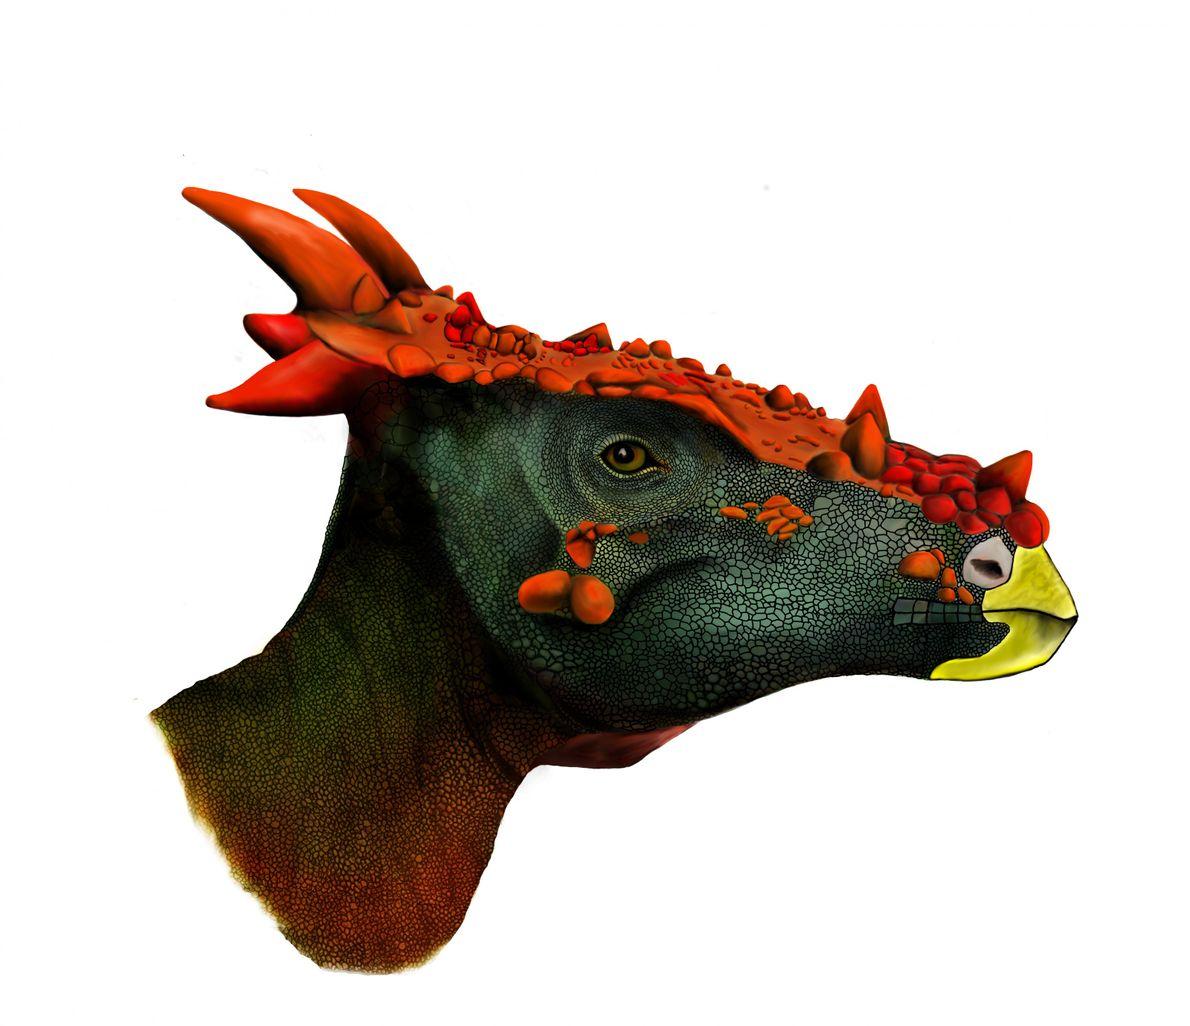 Eine Illustration zeigt, wie der junge Pachycephalosaurus zu Lebzeiten ausgesehen haben könnte. Auffällig sind der Kopfschmuck ...